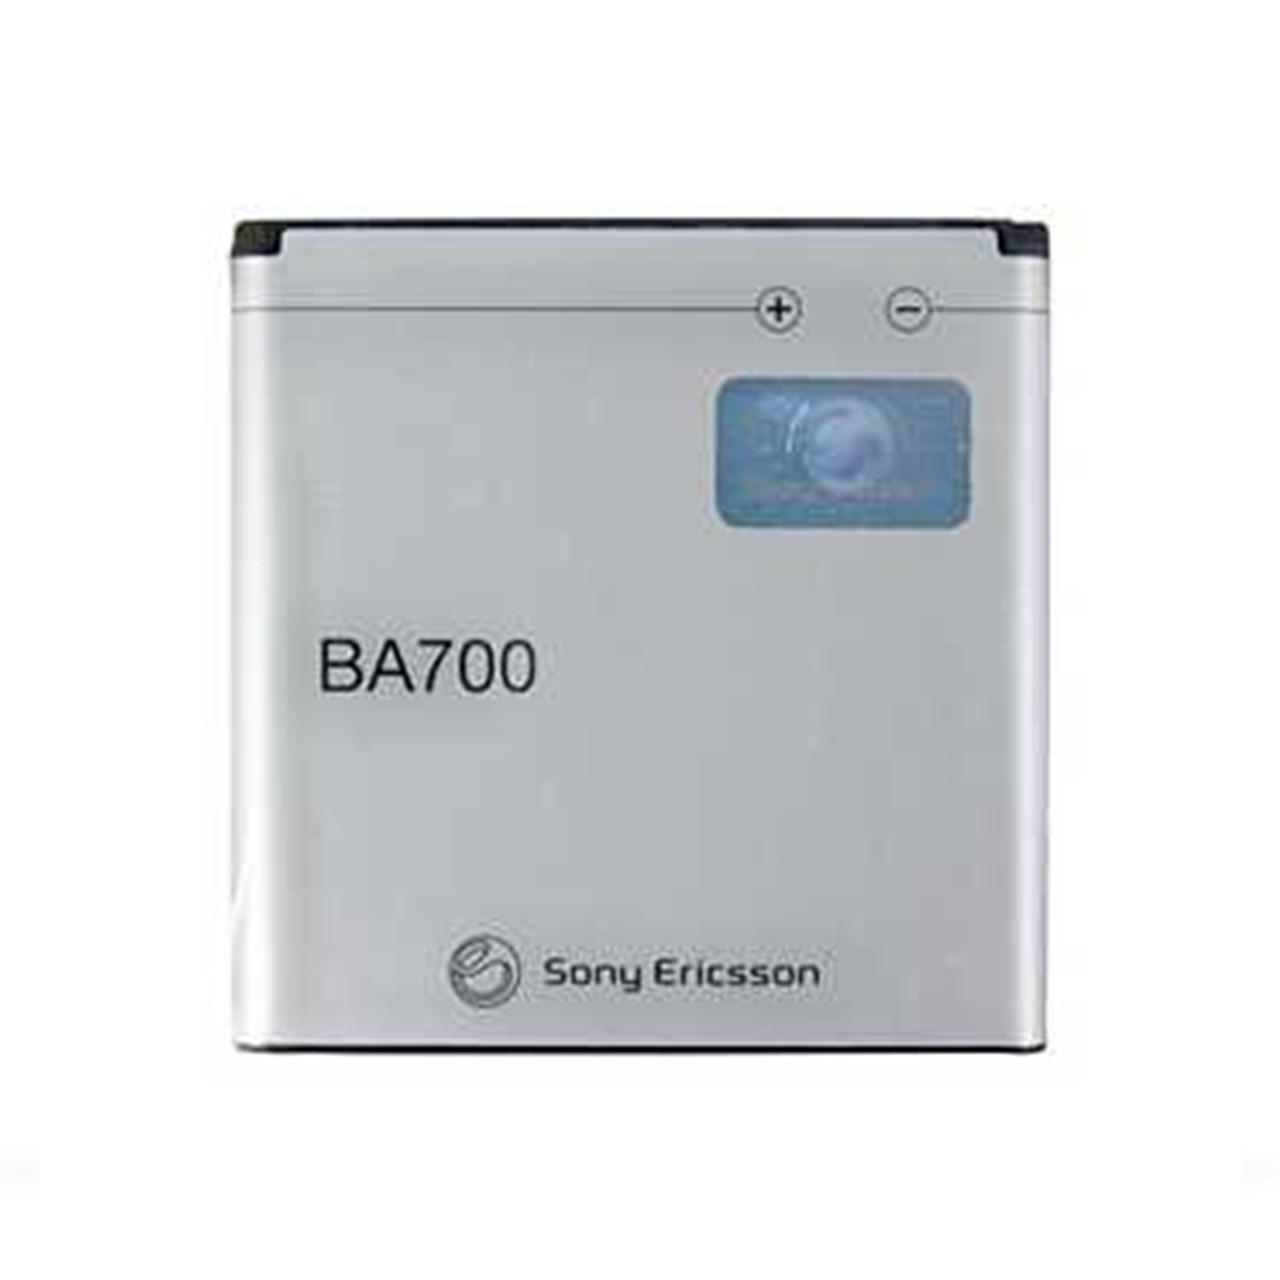 باتری گوشی سونی مدل BA700 مناسب برای گوشی سونی Xperia E